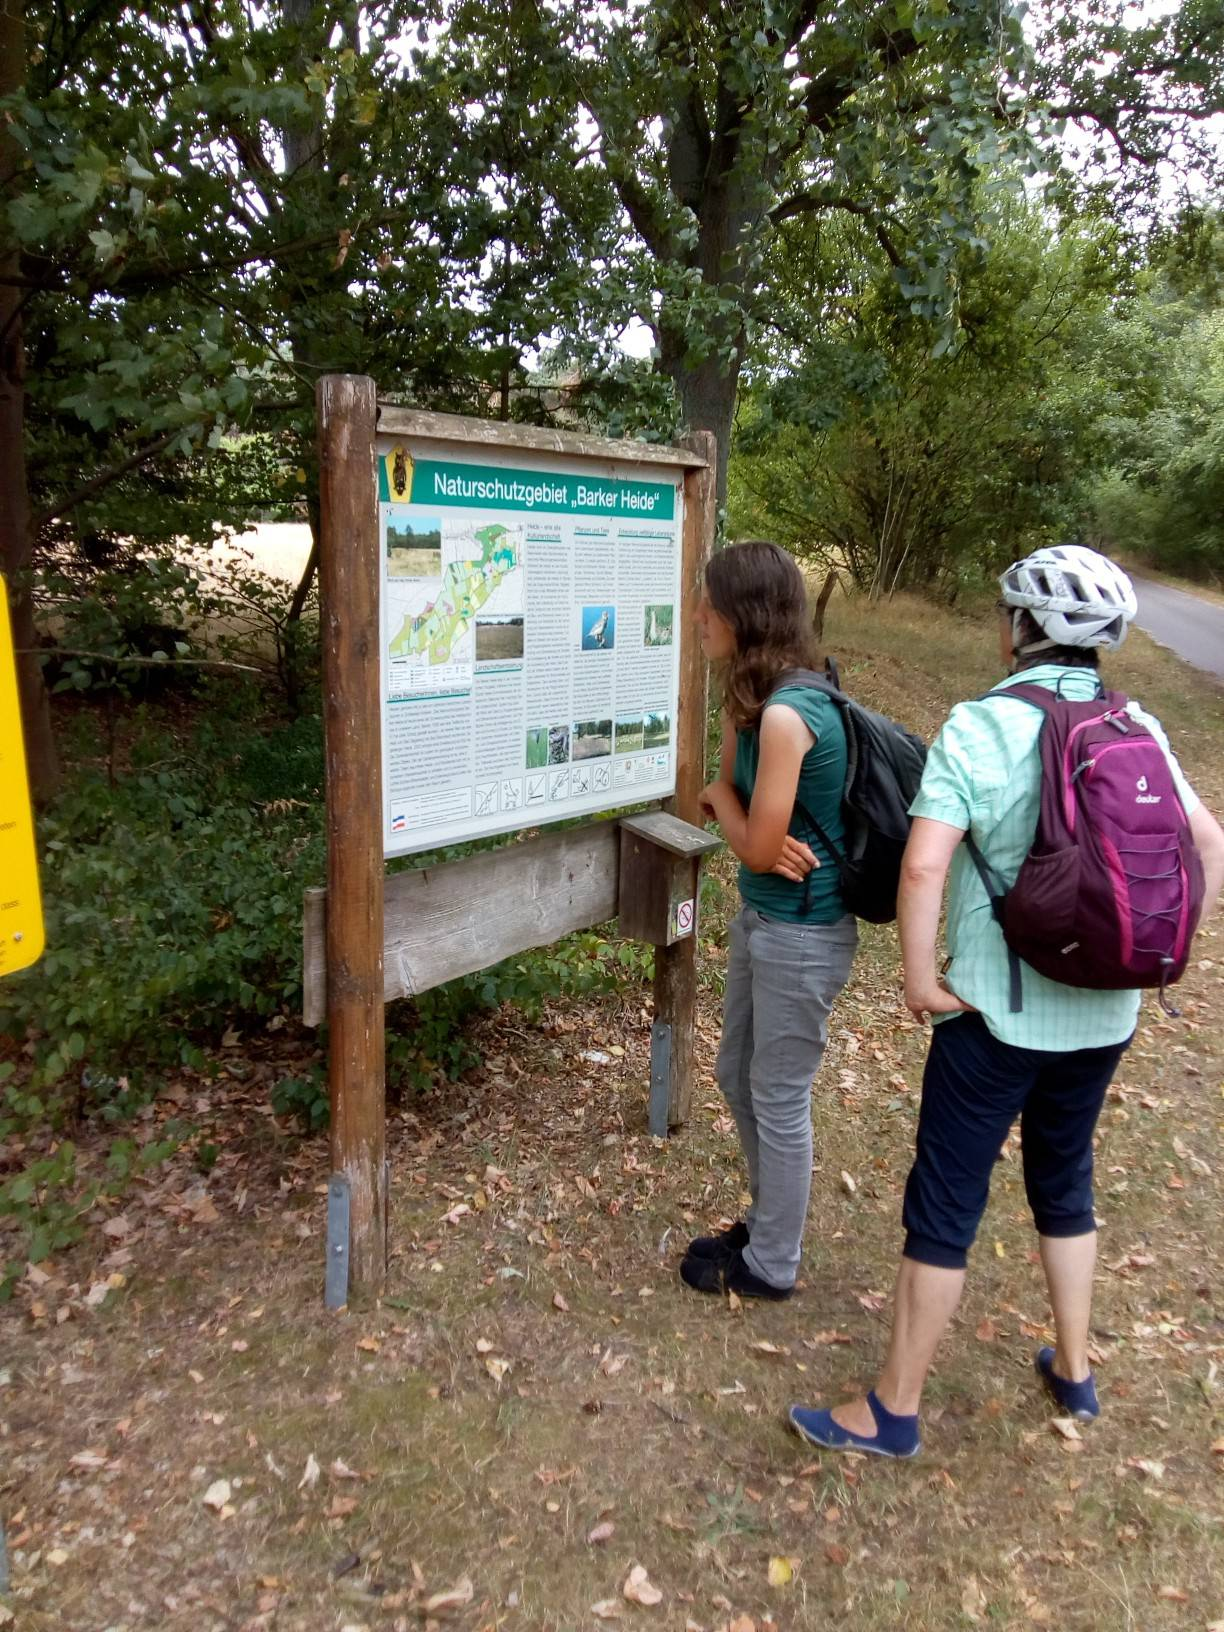 Barker Heide Info